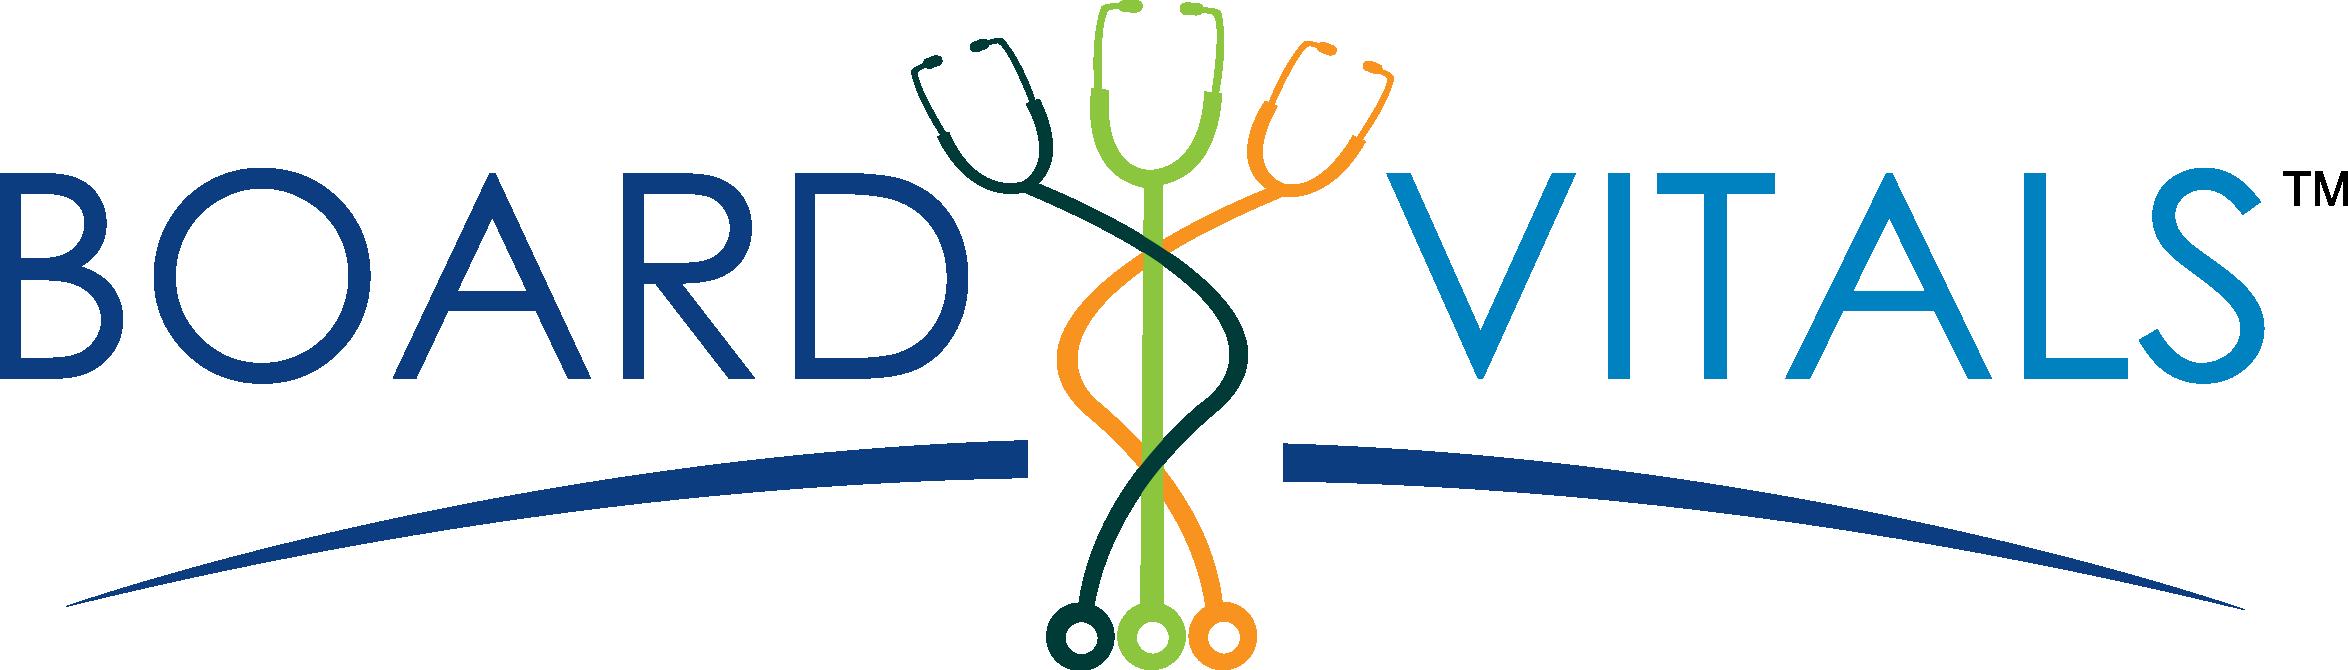 BoardVitals Logo